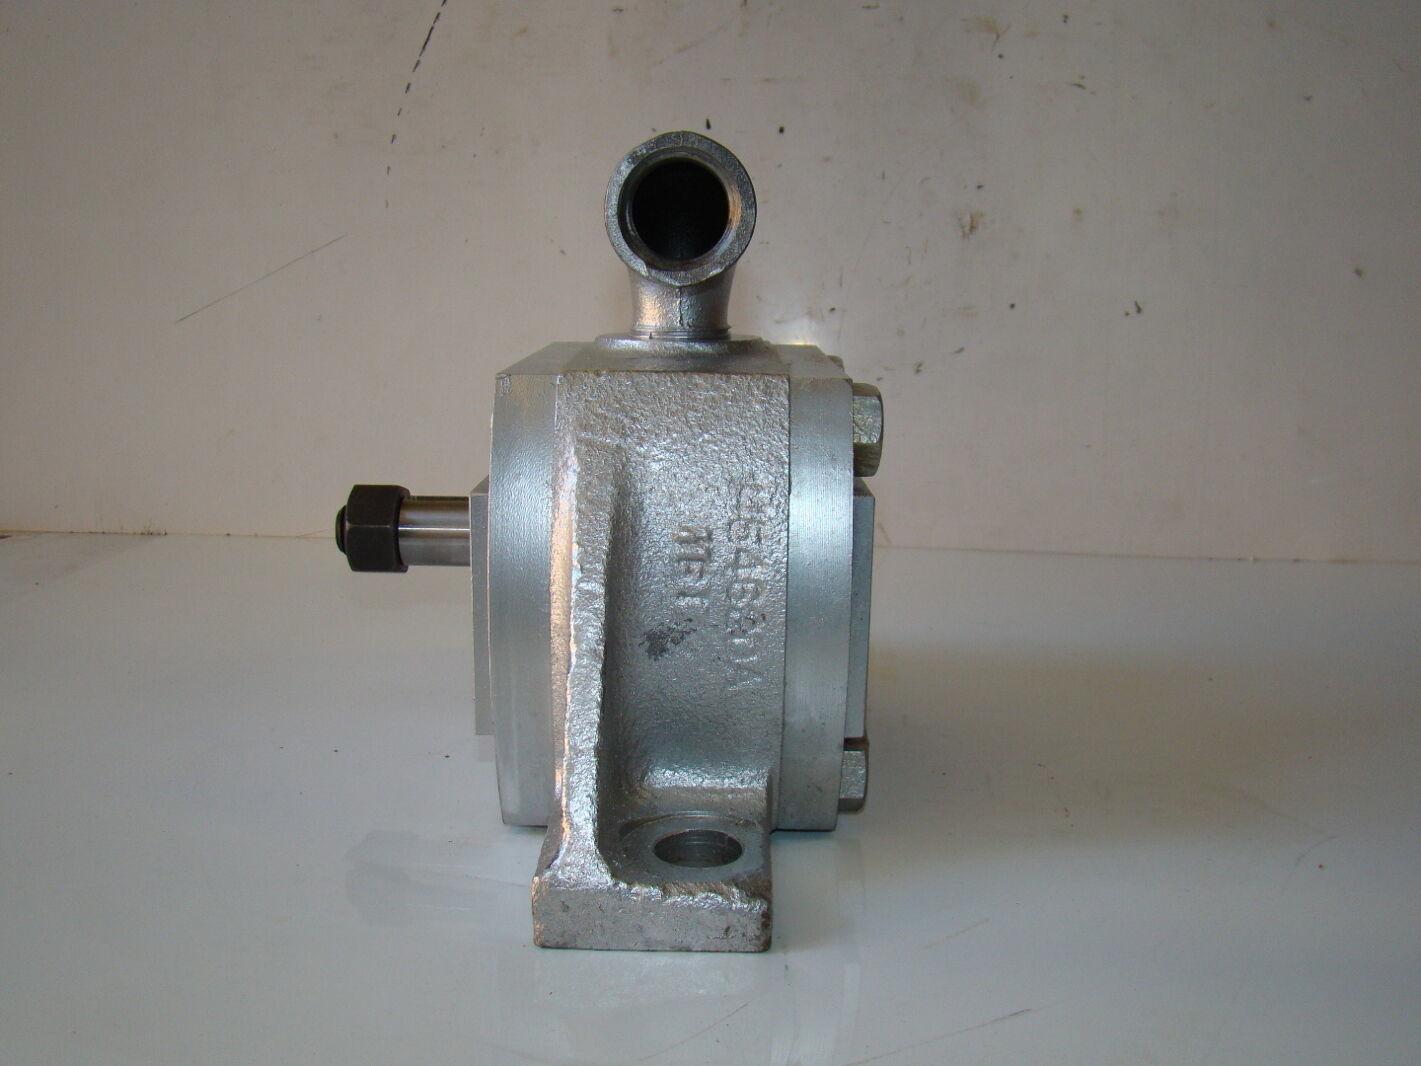 Babcock Wilcox Pump Gearbox Unit El38 76 Joseph Fazzio